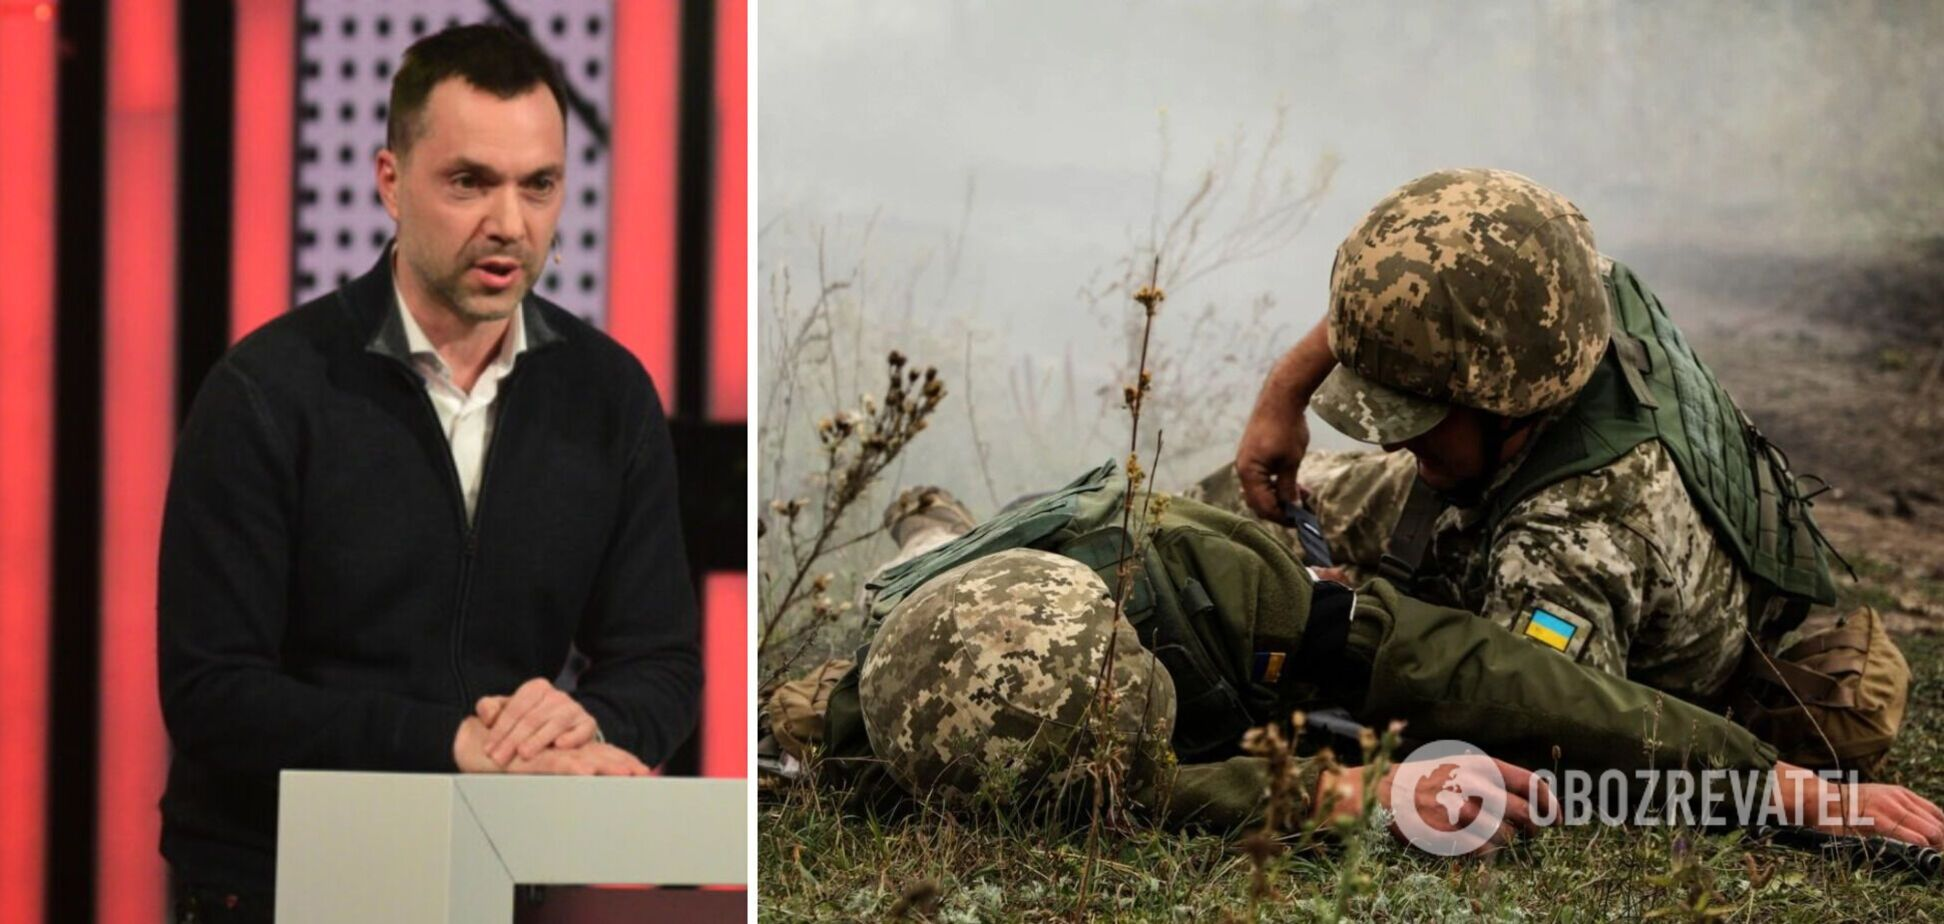 Арестович: за время перемирия погибло в пять раз меньше военных